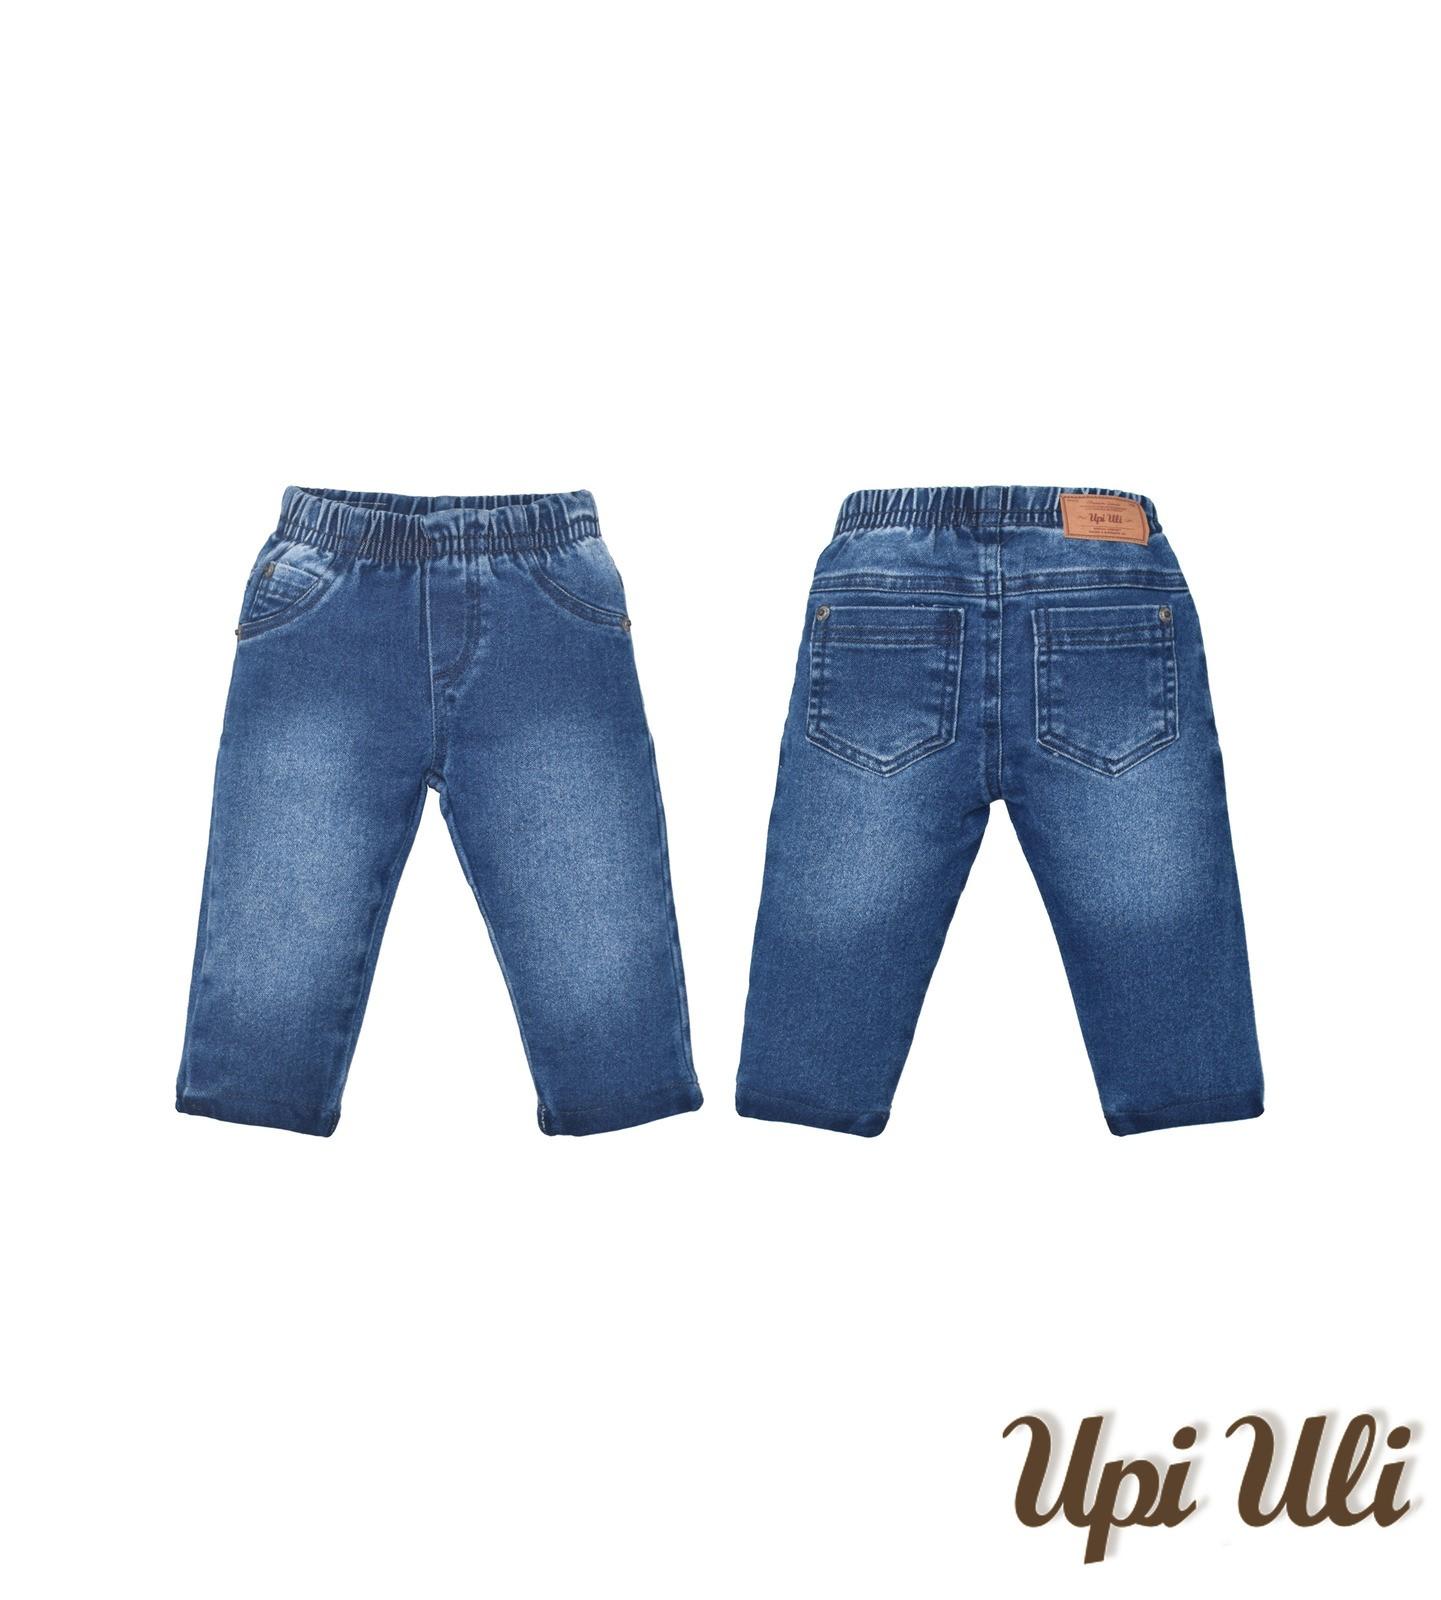 Calça Jeans Upiuli Baby Boy